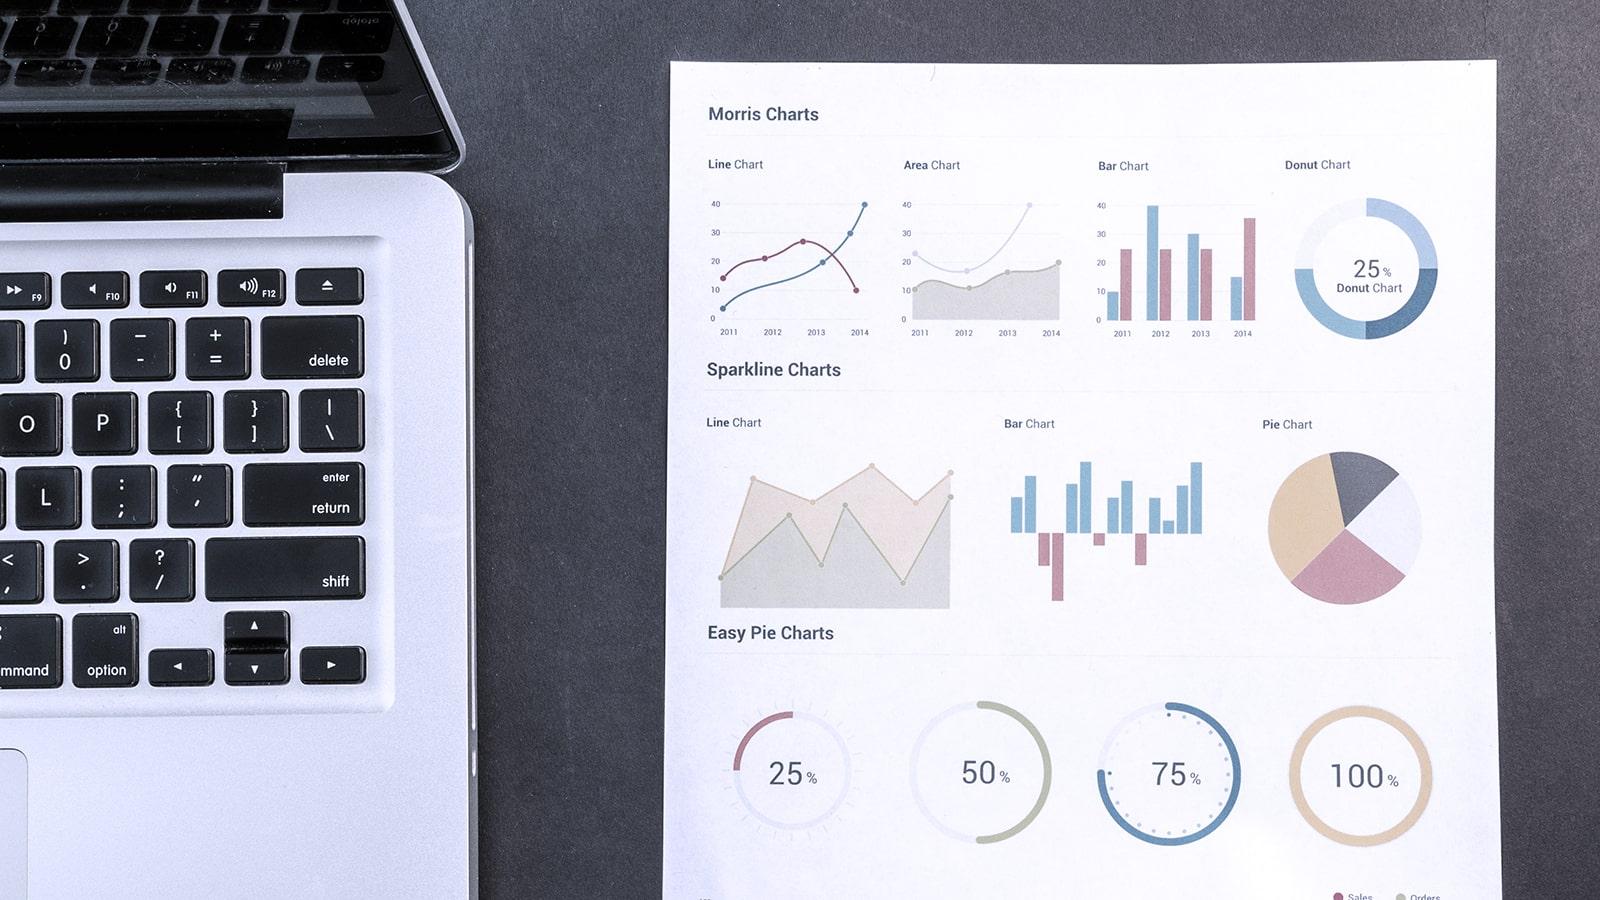 Beállítjuk és optimalizáljuk a hirdetéseket - FutureManagement - Online Marketing Ügynökség